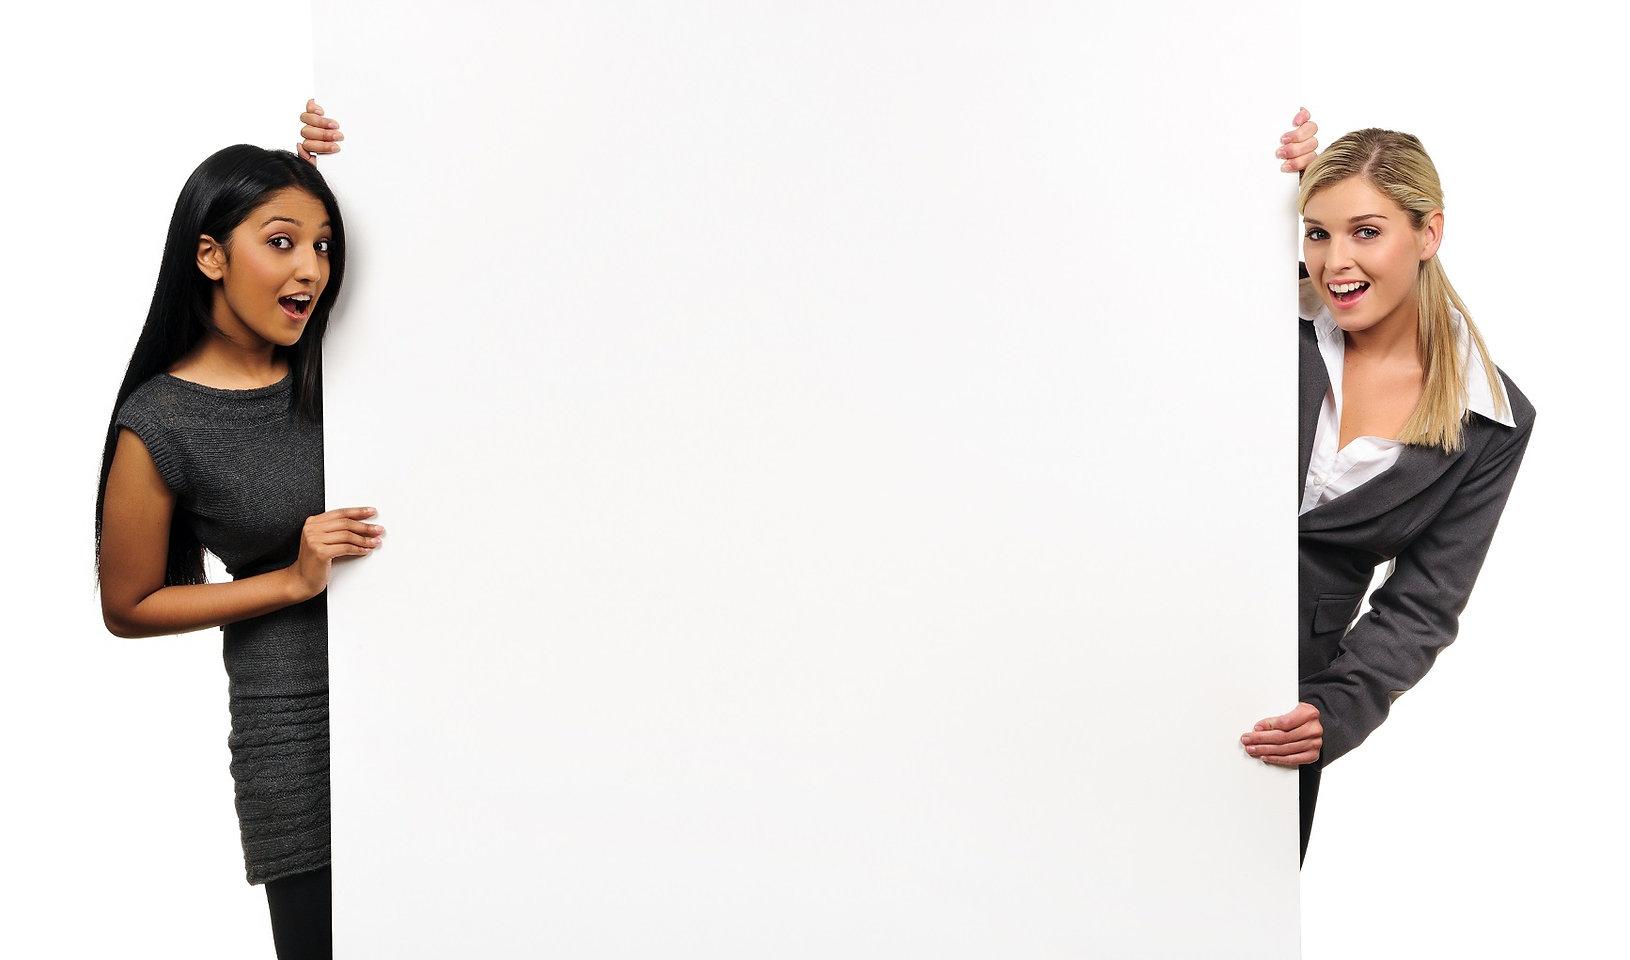 Две девушки демонстрируют преимущества стоматологической клиники Лечим зубы Москва